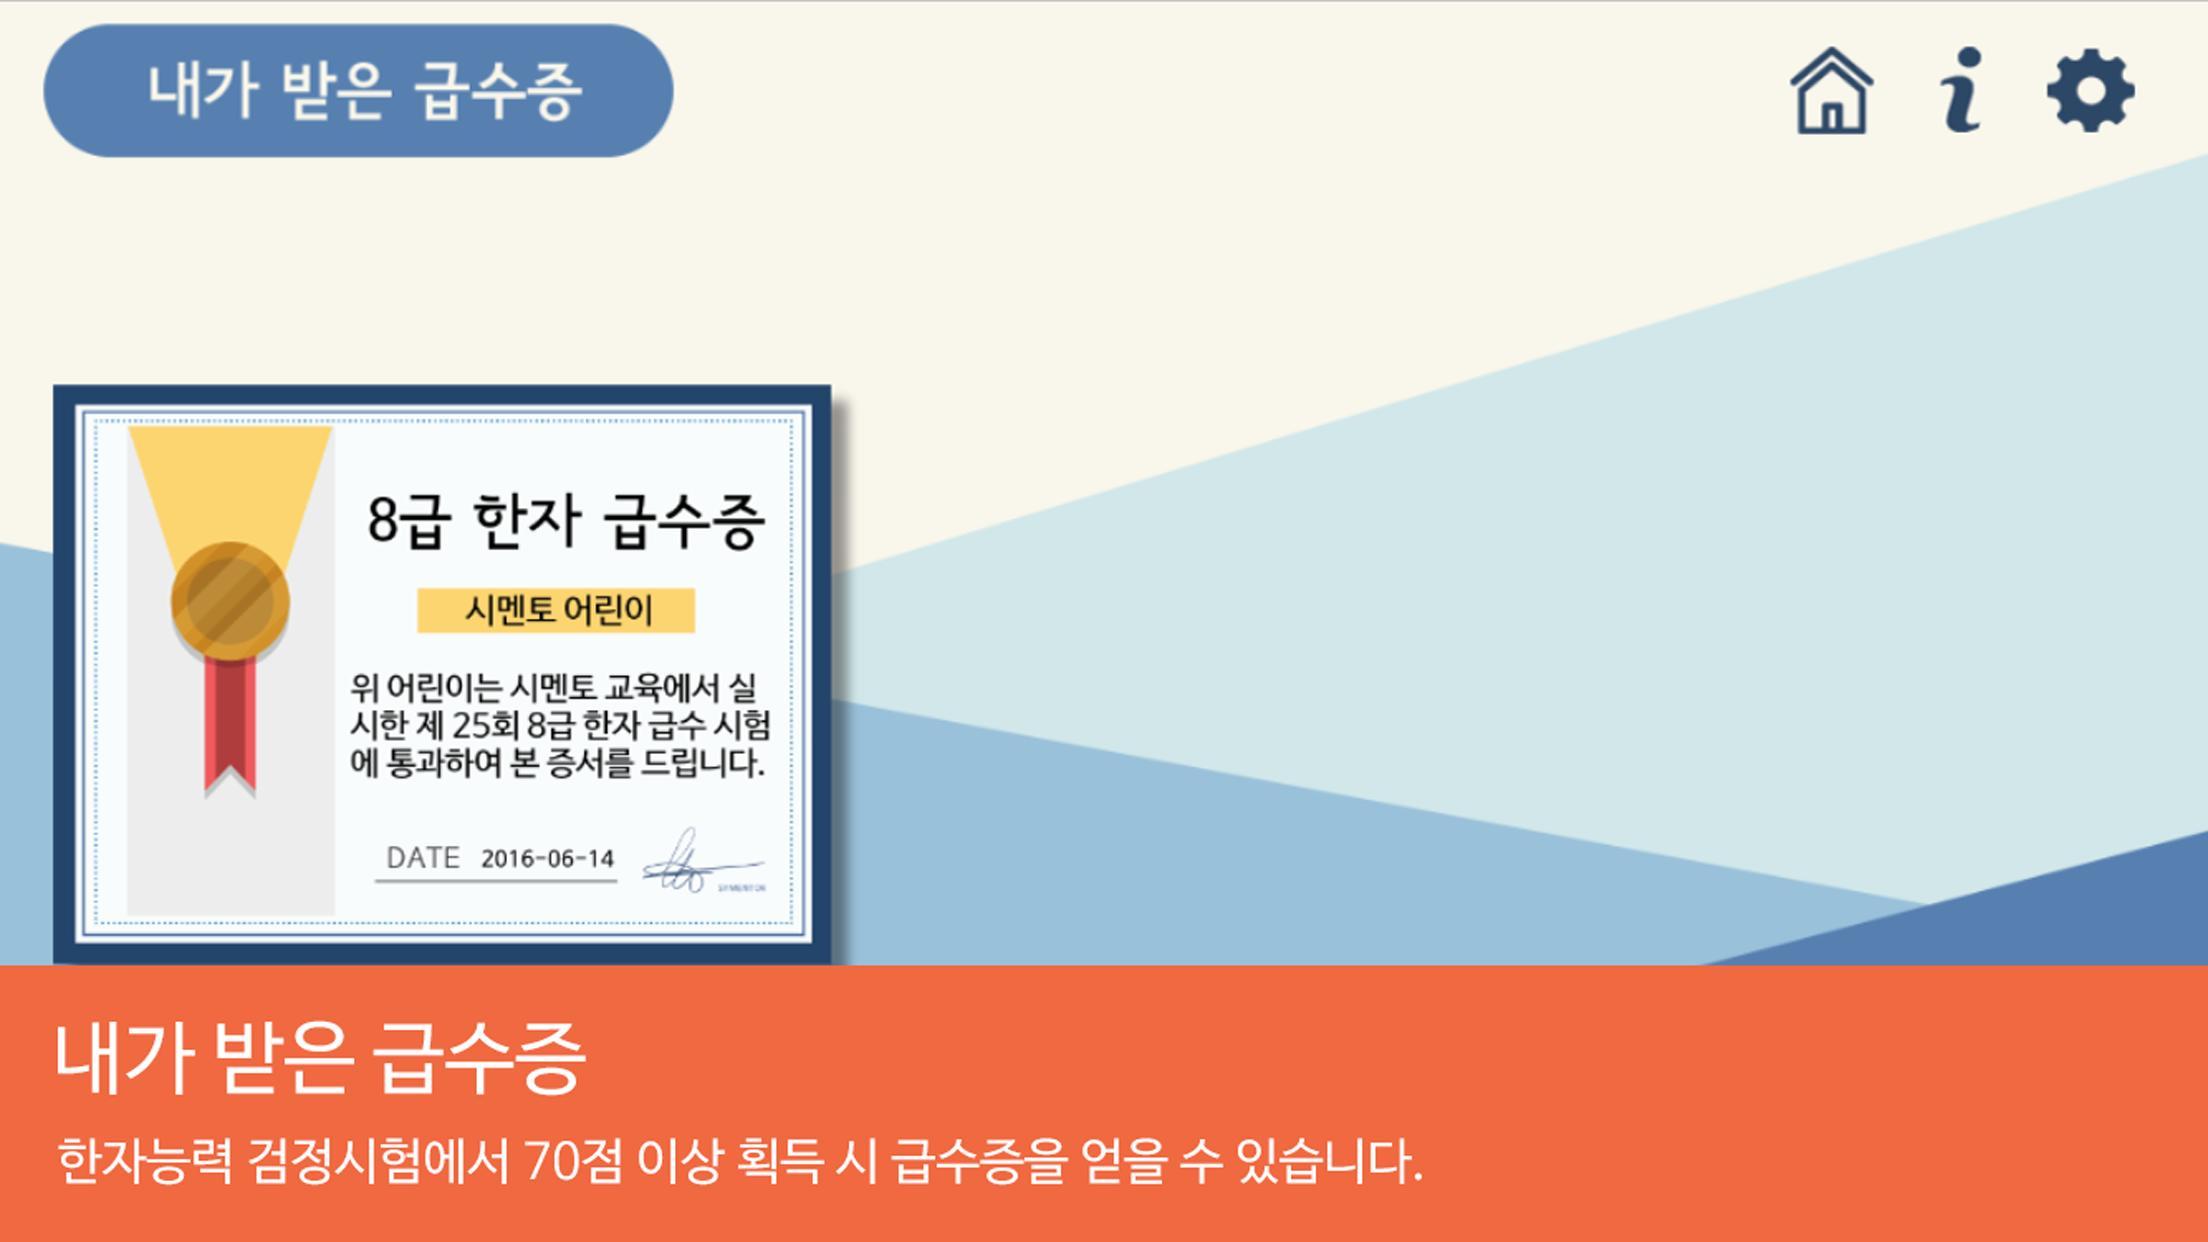 시멘토 교육앱 급수한자 8급(기출문제 제공) 1.5.0 Screenshot 5